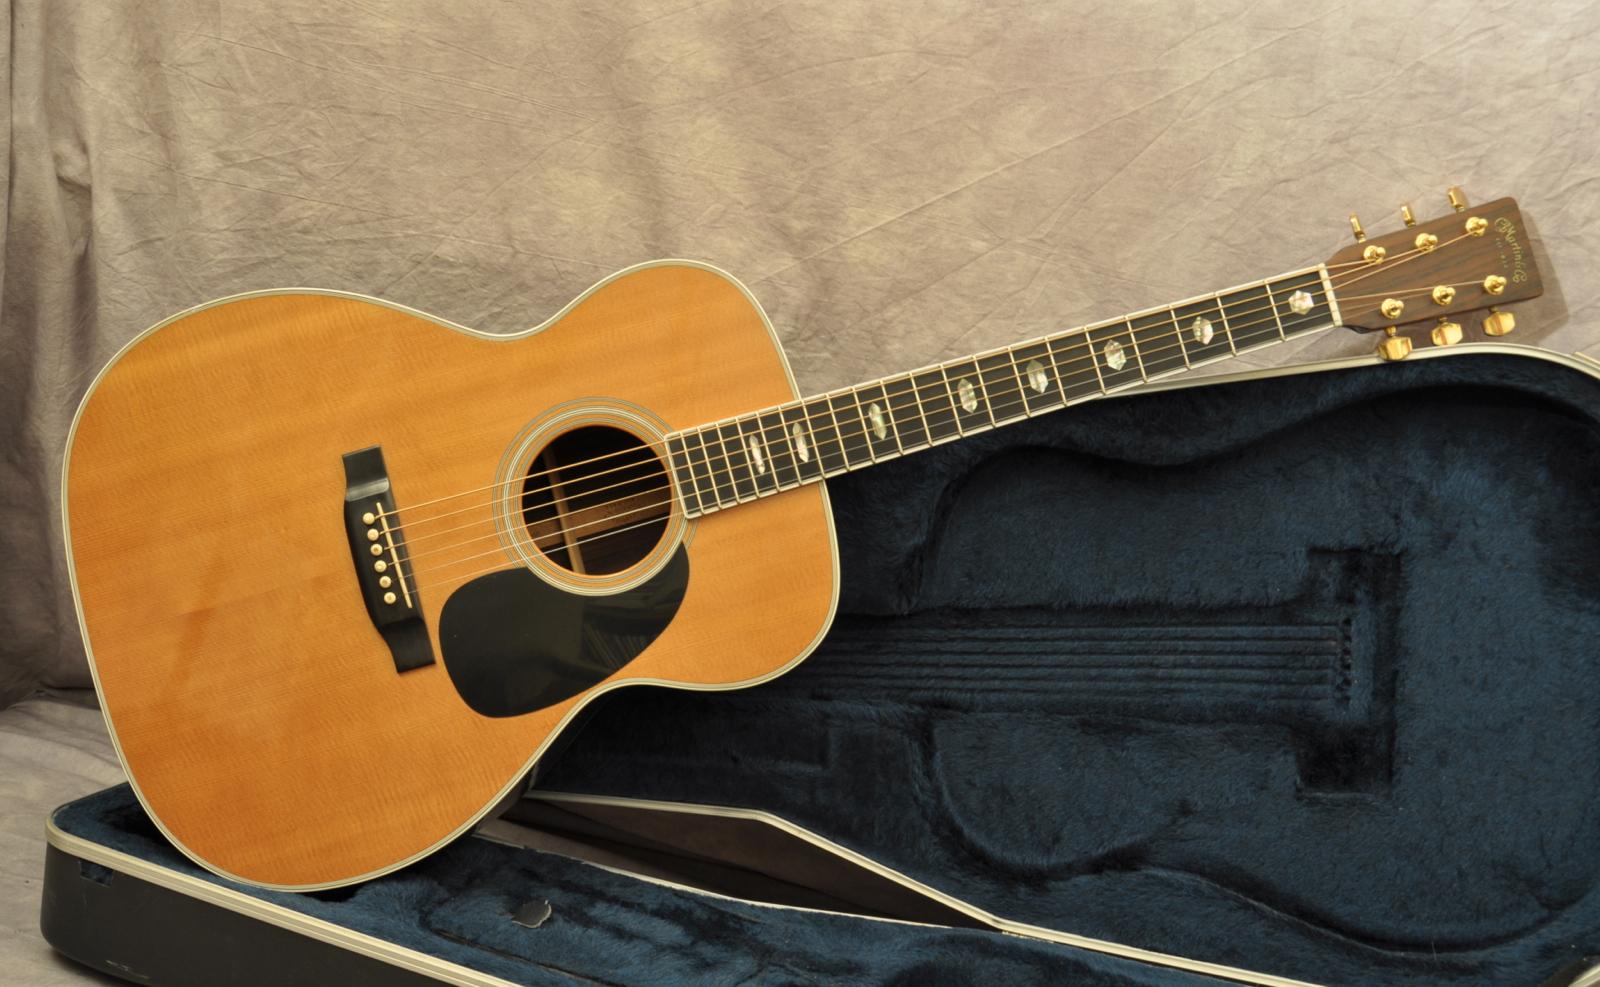 martin j40 m 1990 spruce guitar for sale andy baxter bass guitars ltd. Black Bedroom Furniture Sets. Home Design Ideas